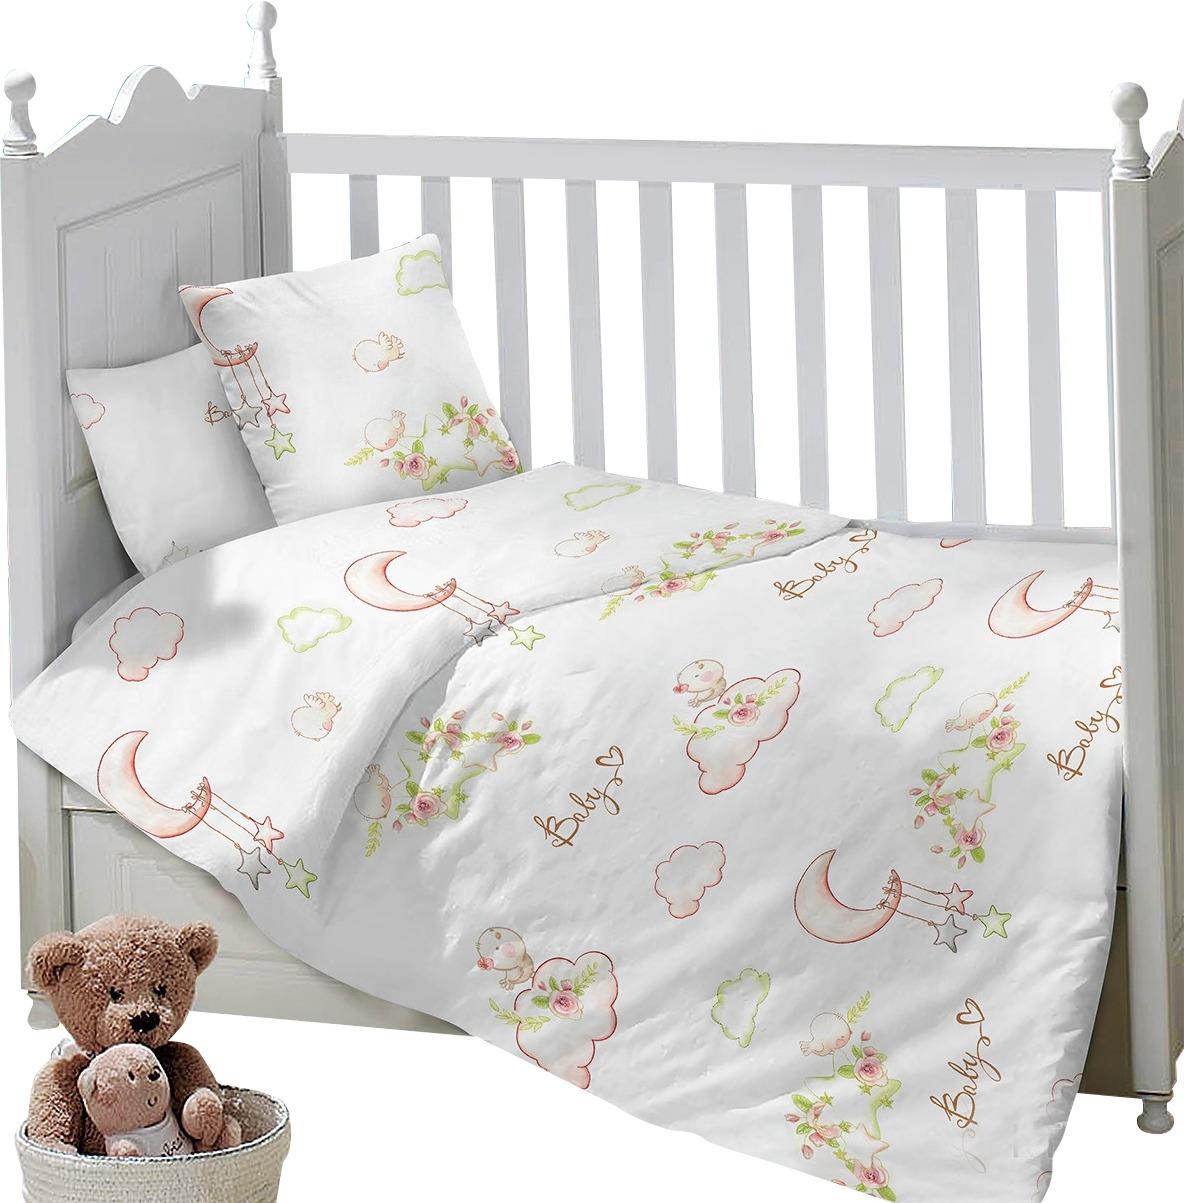 Комплект постельного белья Sweet Baby Gioco, 419300, белый, 3 предмета комплект постельного белья 3 предмета erbesi birba белый песочный